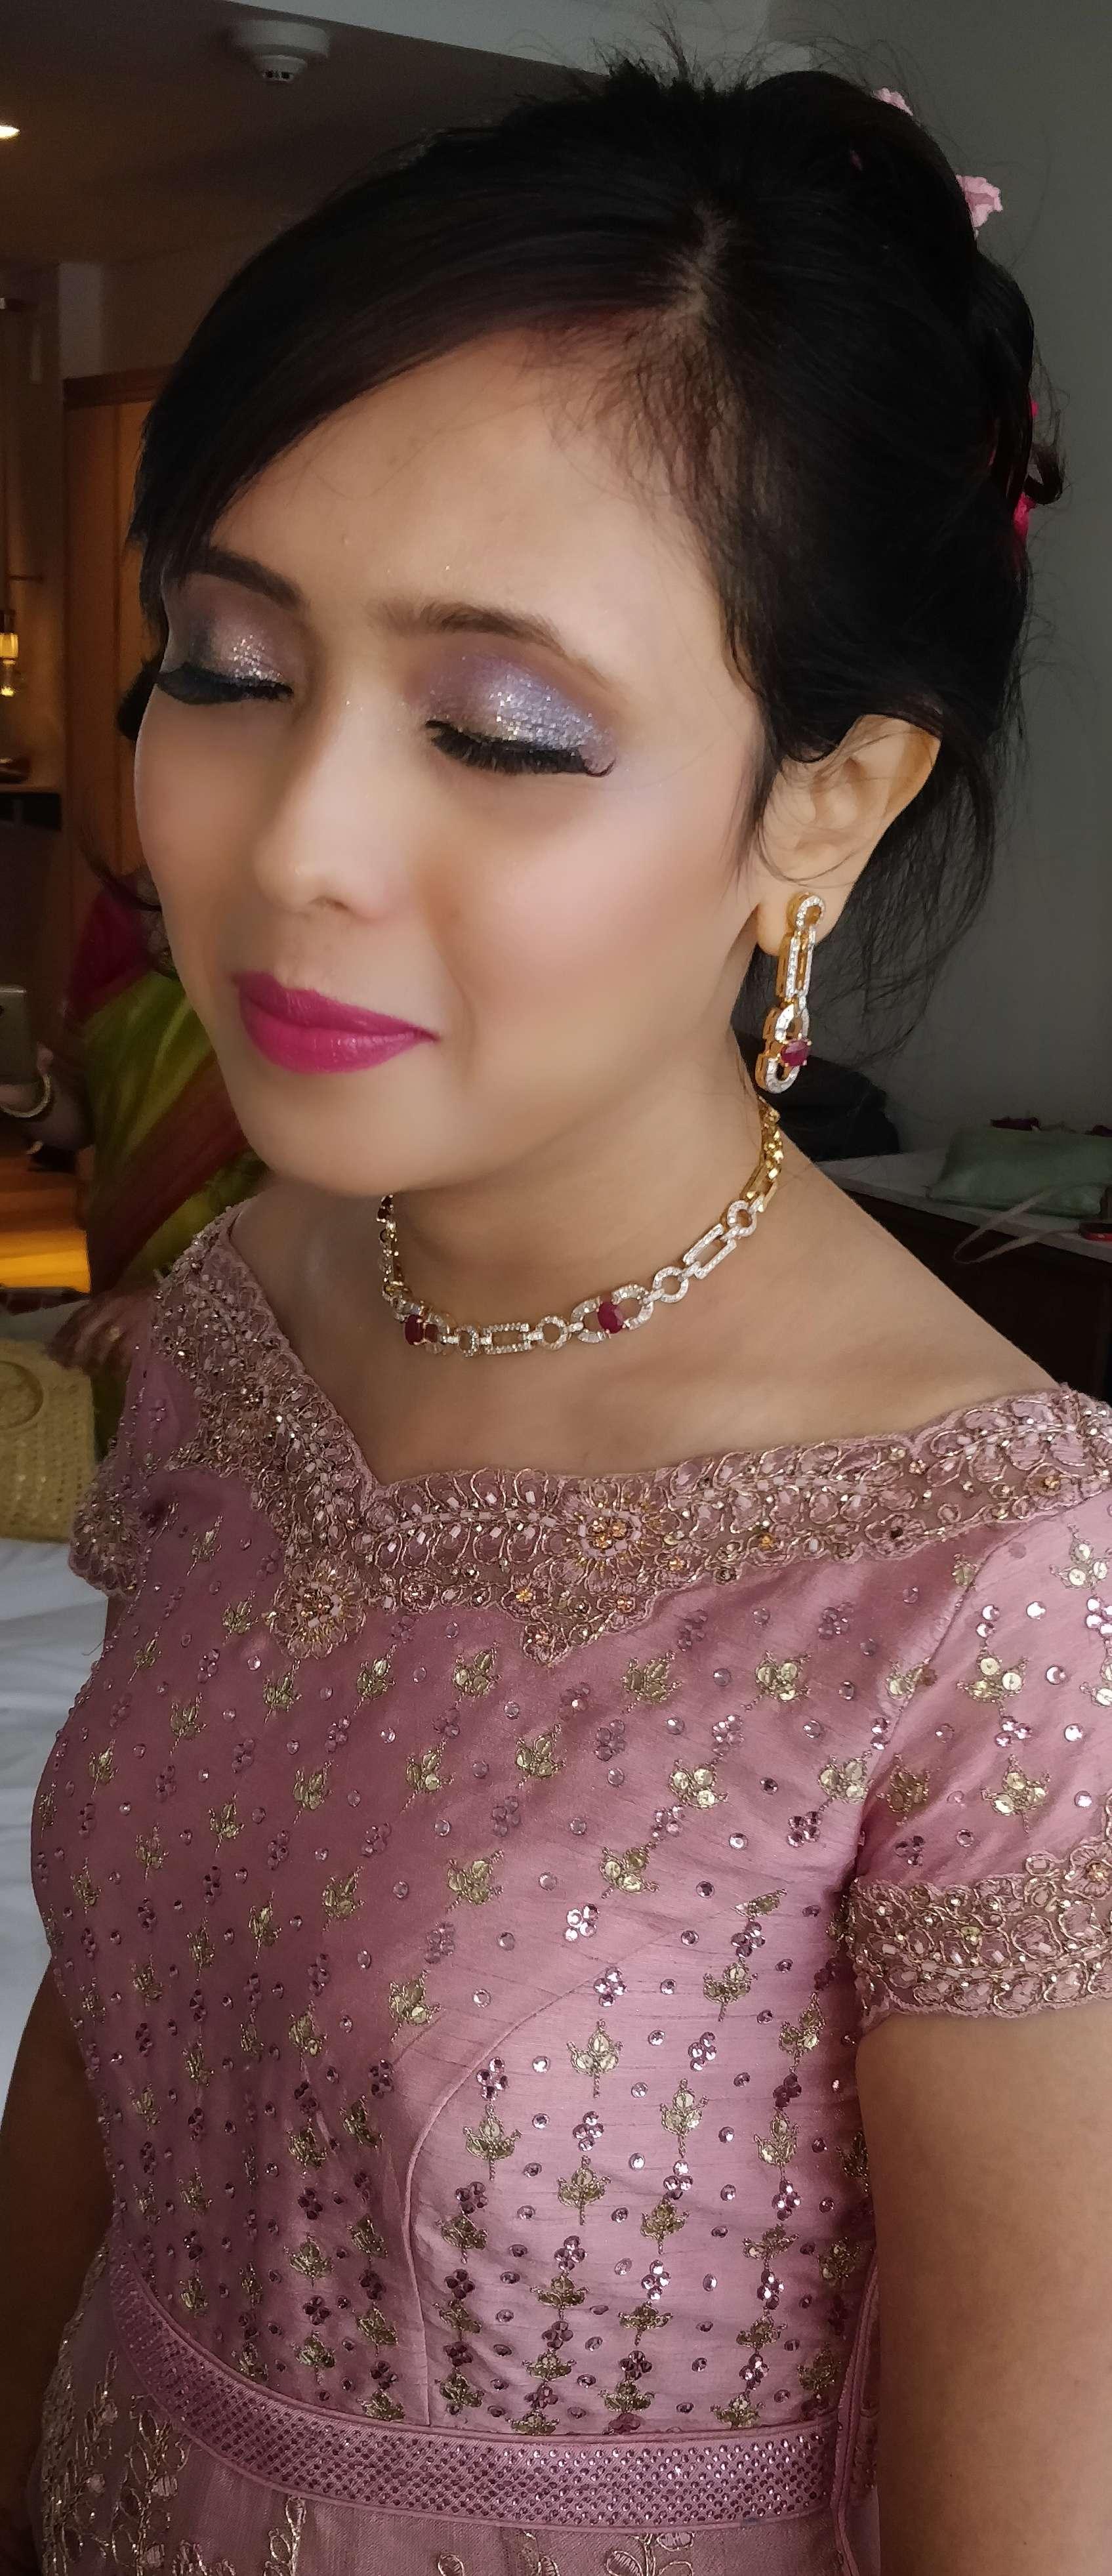 Neha Chaudharymuah - Portfolio